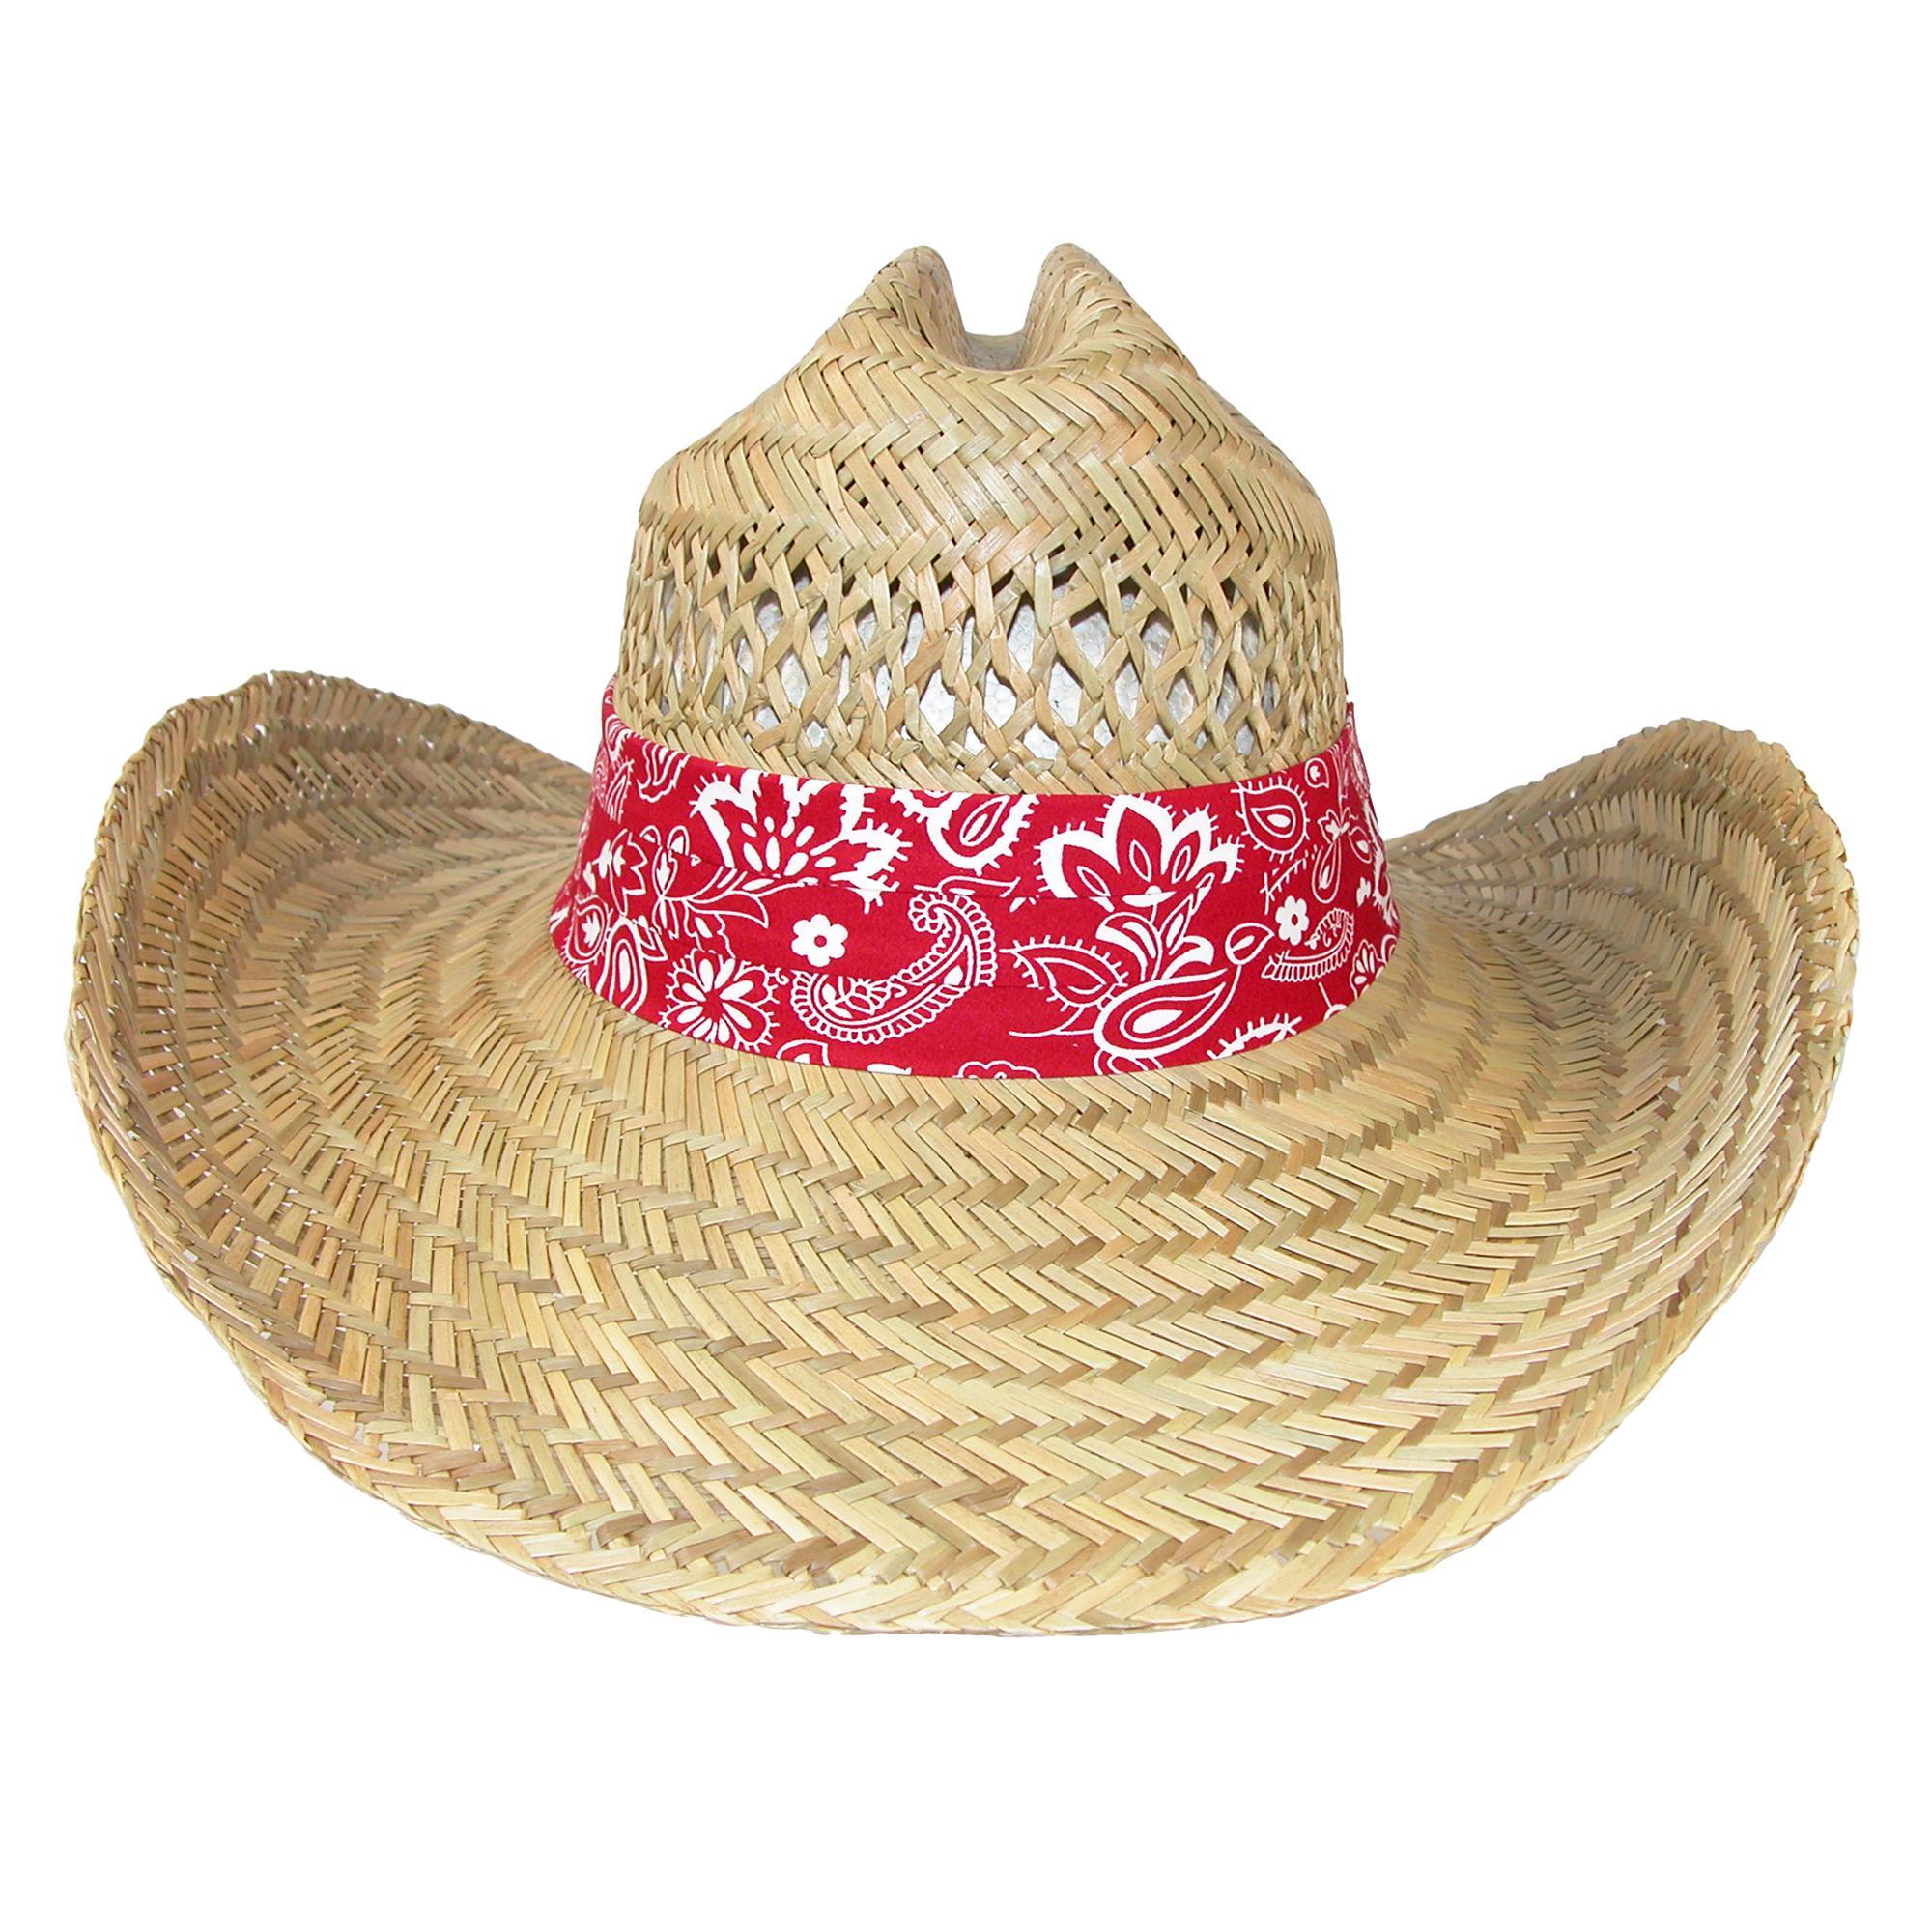 Broner Hats: New Broner Men's Howdy Doody Western Cowboy Hat With